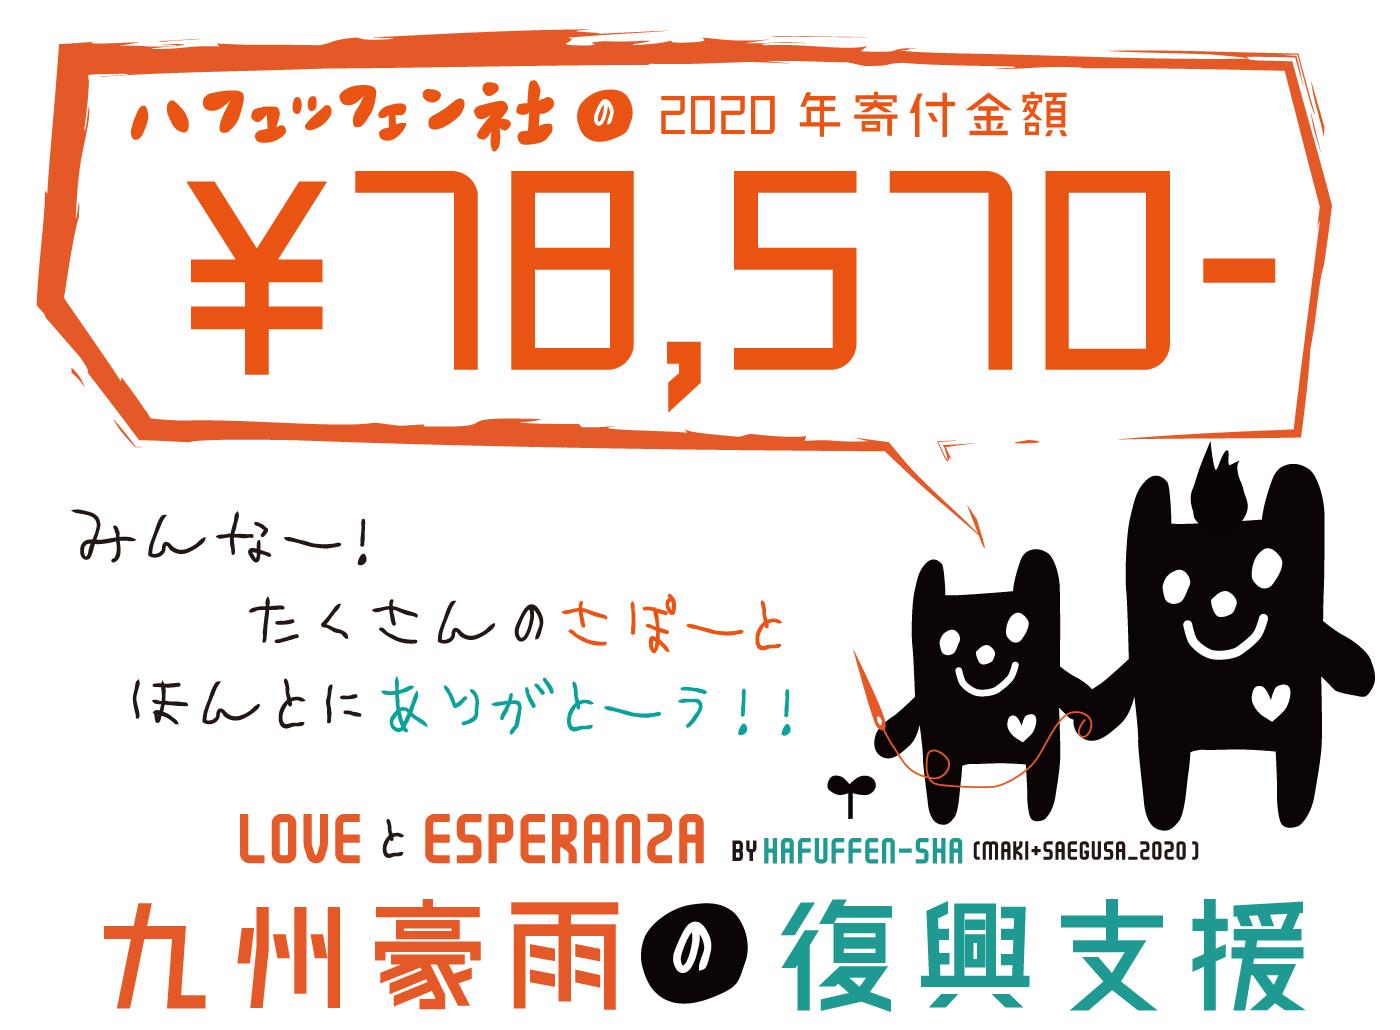 [九州豪雨] ハフュッフェン社の復興支援:12. みんなアリガトウ☆2020年の寄付金報告「¥78,570」!_d0018646_10474717.jpg